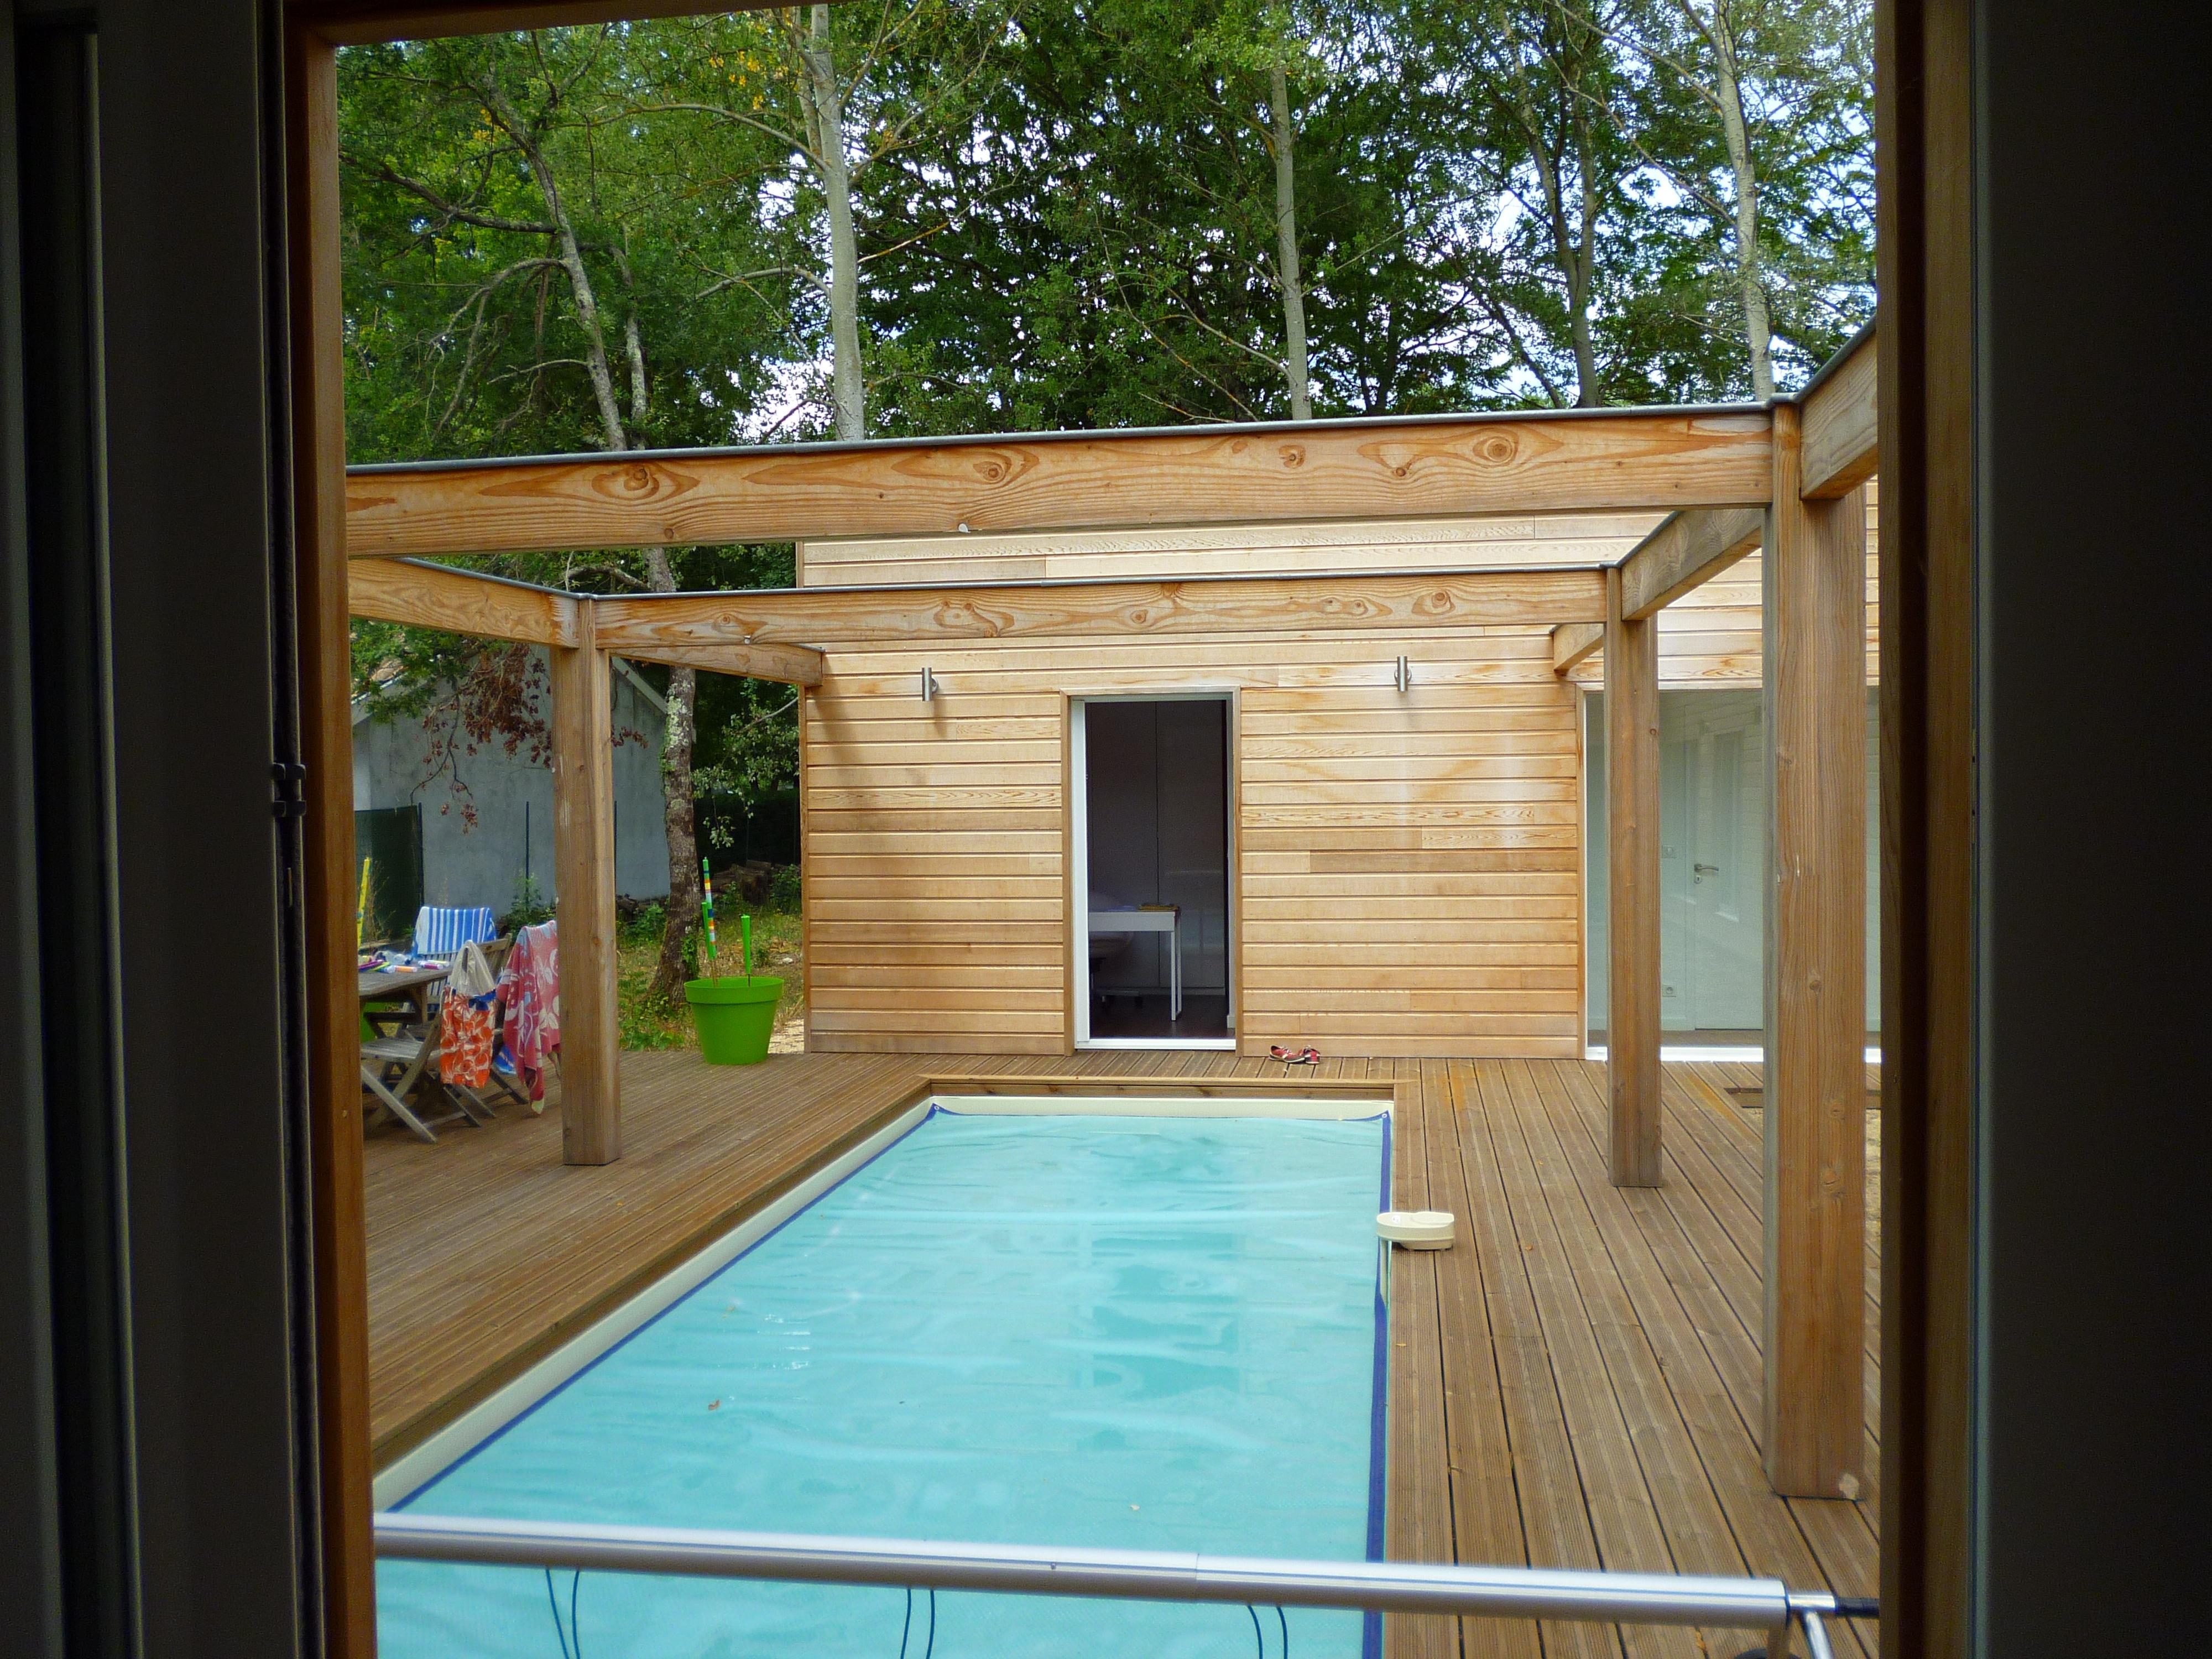 Maison bois bbc taillan m doc archives pascal rigaud architecte dplgpasca - Couloir de nage interieur ...